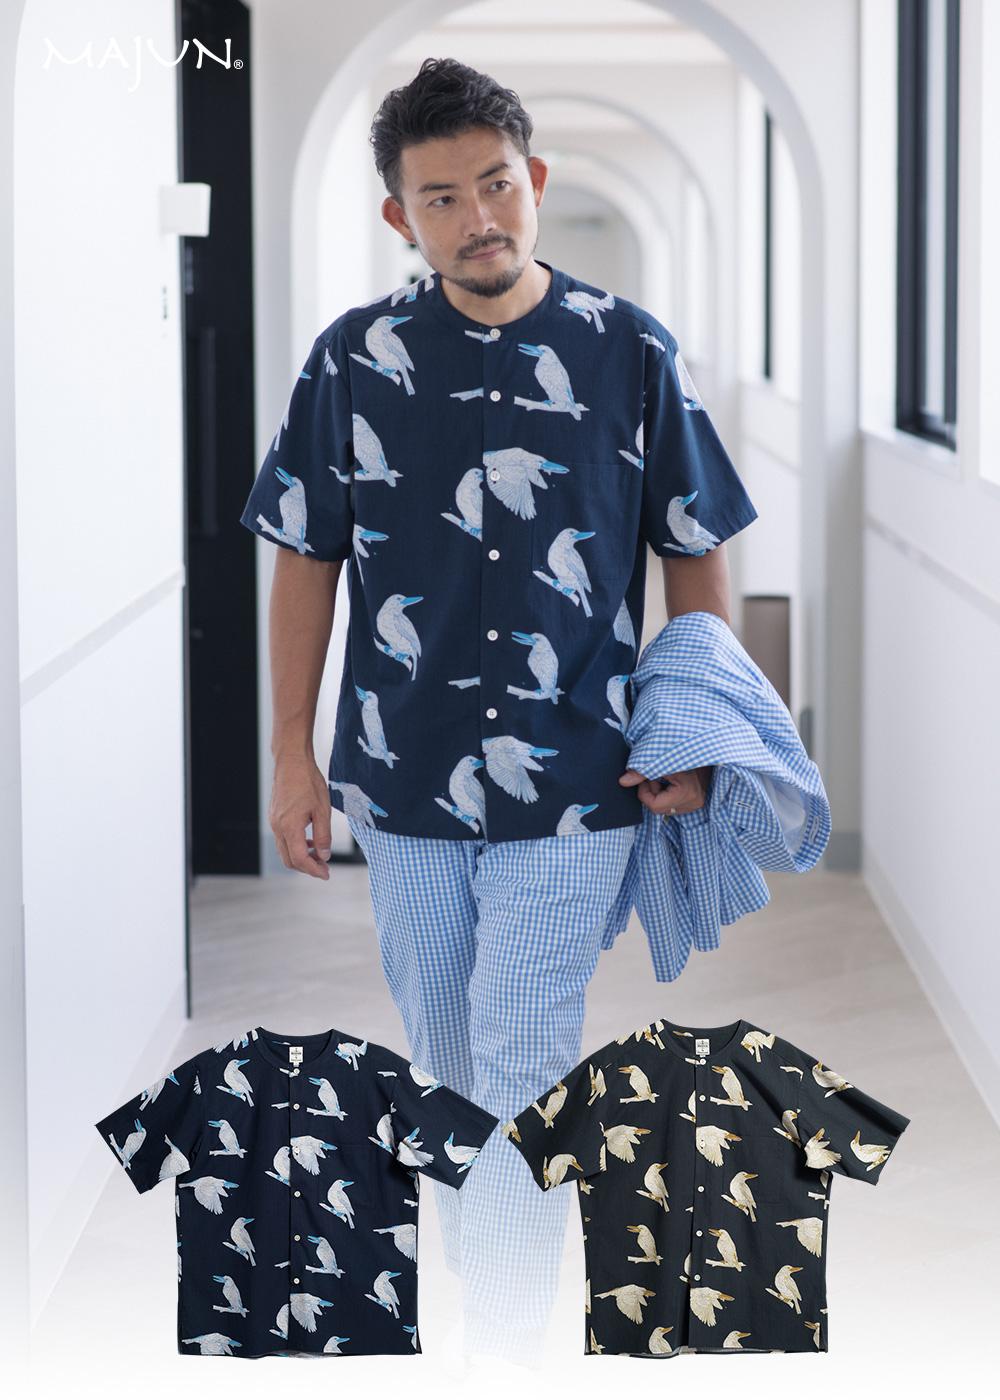 かりゆしウェア(沖縄版アロハシャツ) MAJUN - リュウキュウアカショウビン